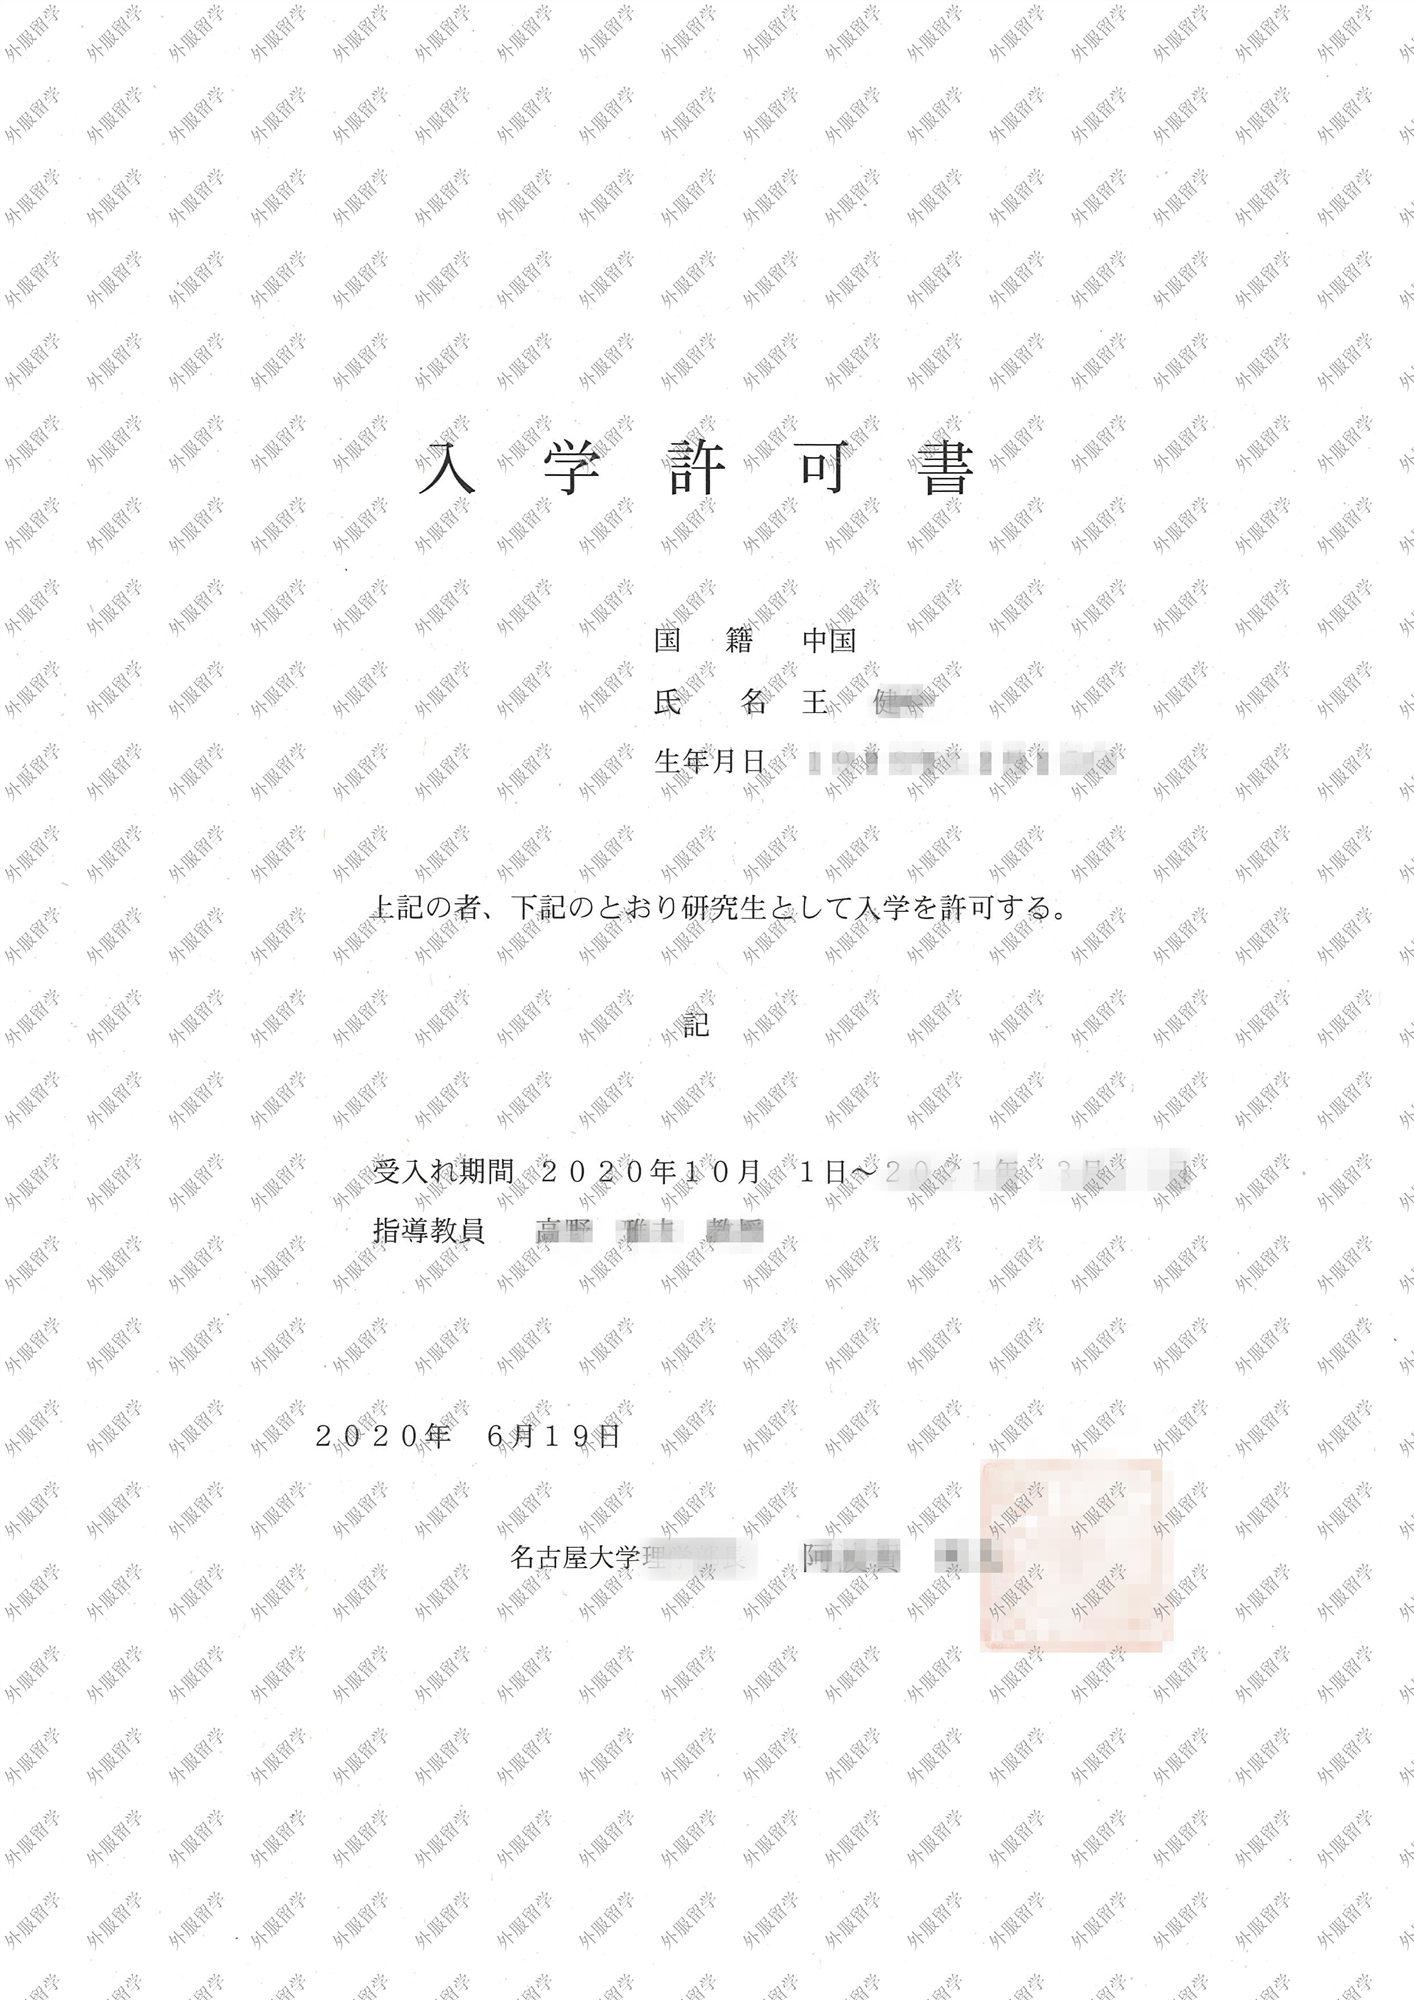 大学 名古屋 名古屋市の大学・短期大学(短大)一覧(37校)【スタディサプリ 進路】